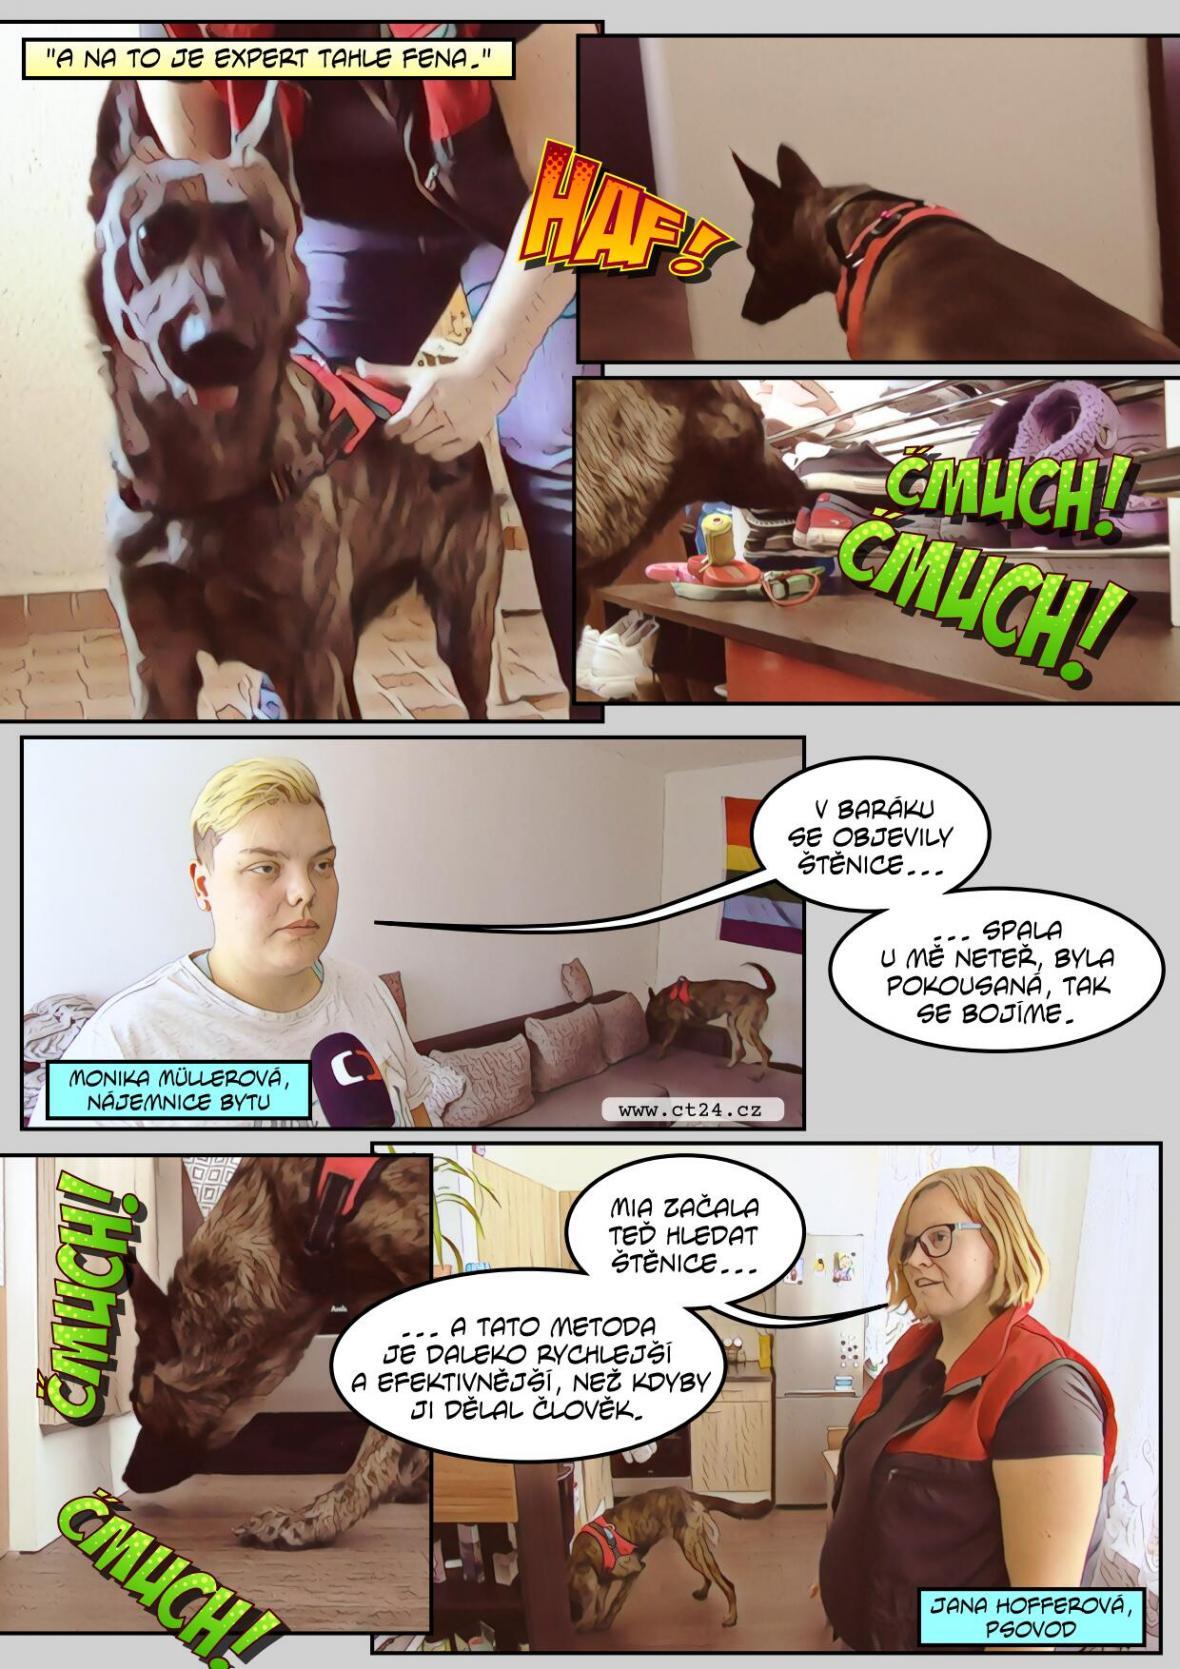 Pes deratizátorem. Firmy na likvidaci parazitů mají novou pomocnici